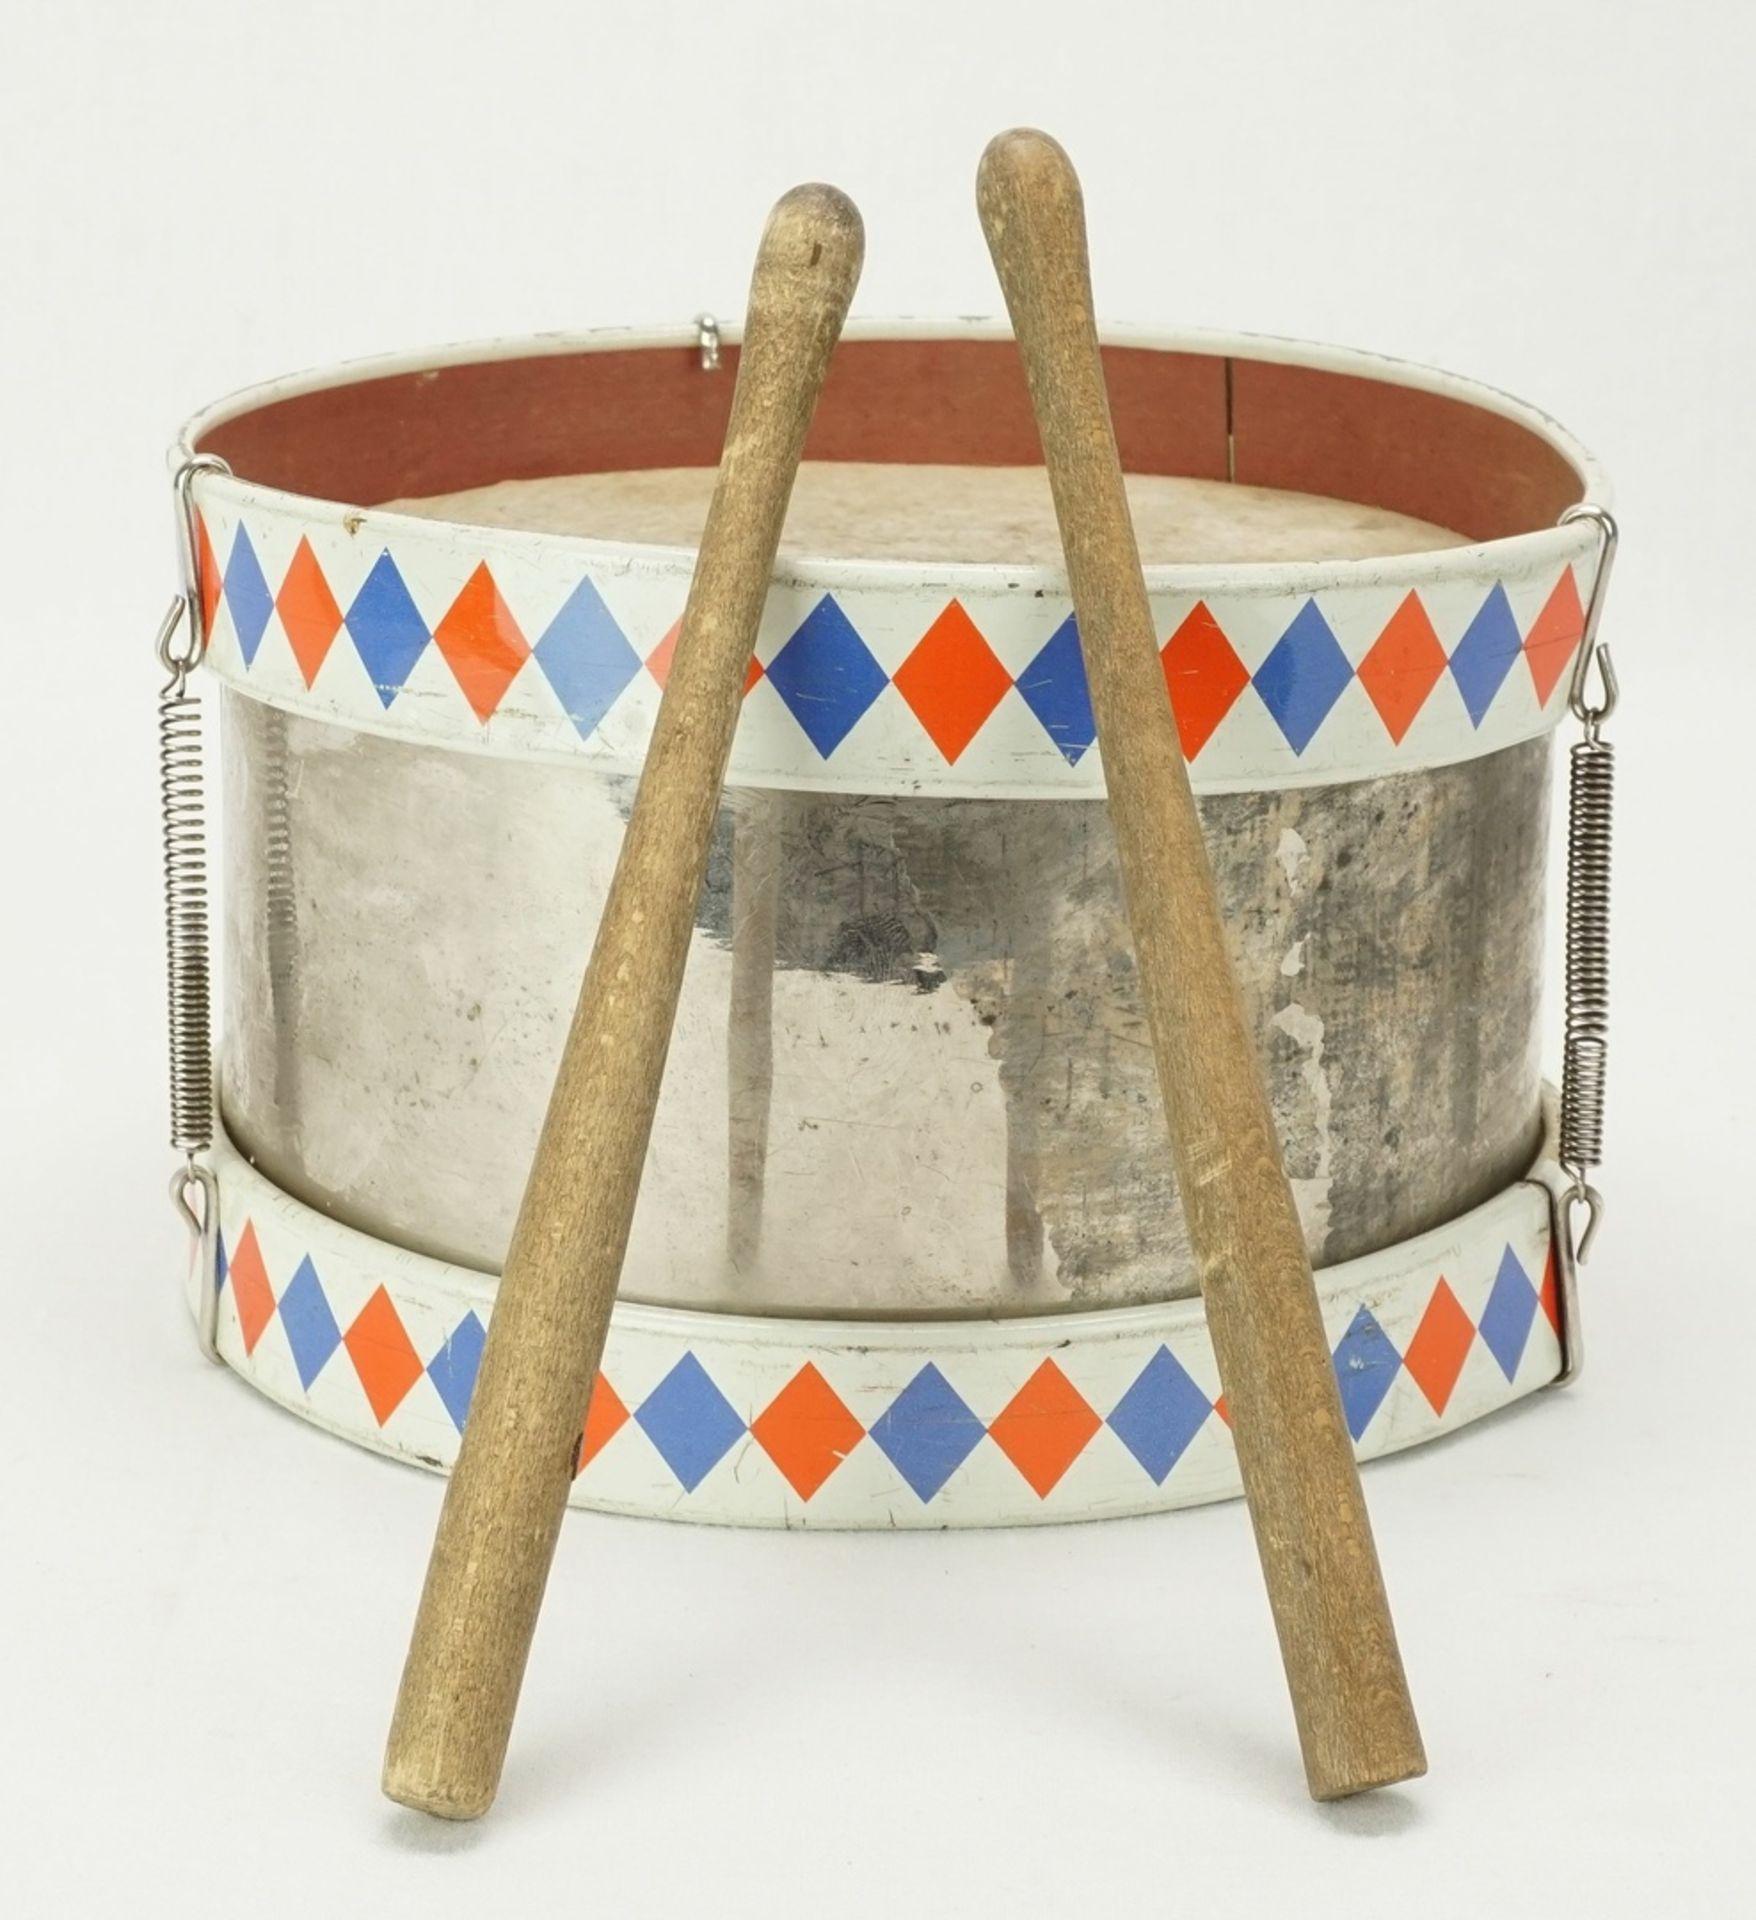 Drei Kinderinstrumente, 2. Hälfte 20. Jh. - Bild 3 aus 4